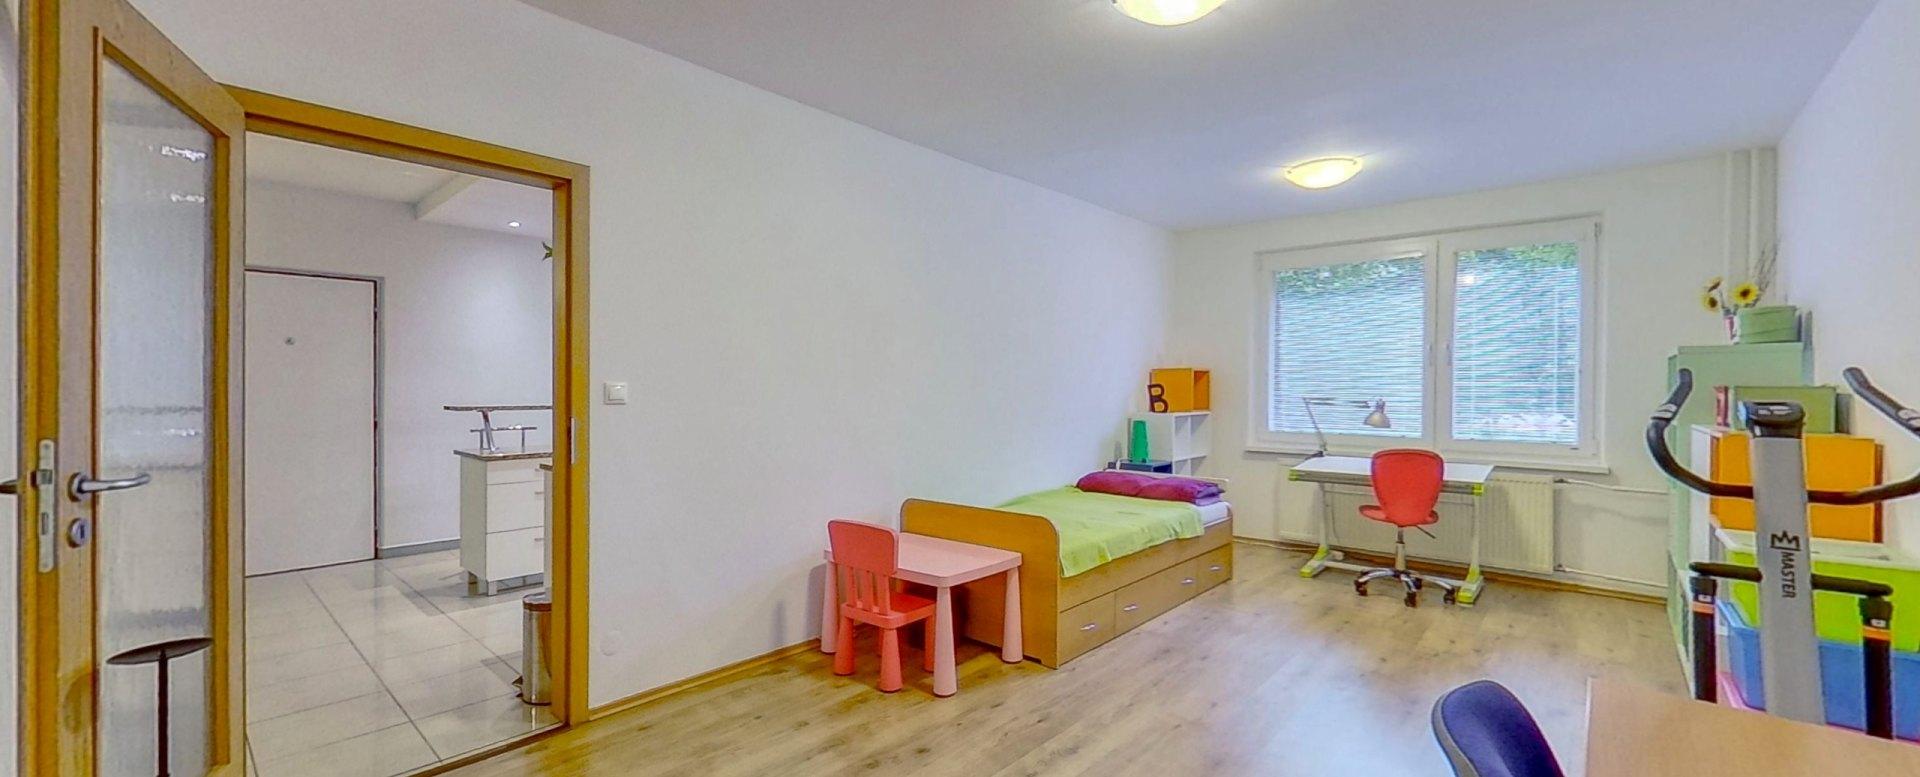 Pohľad na vstup a nábytok v destkej izbe